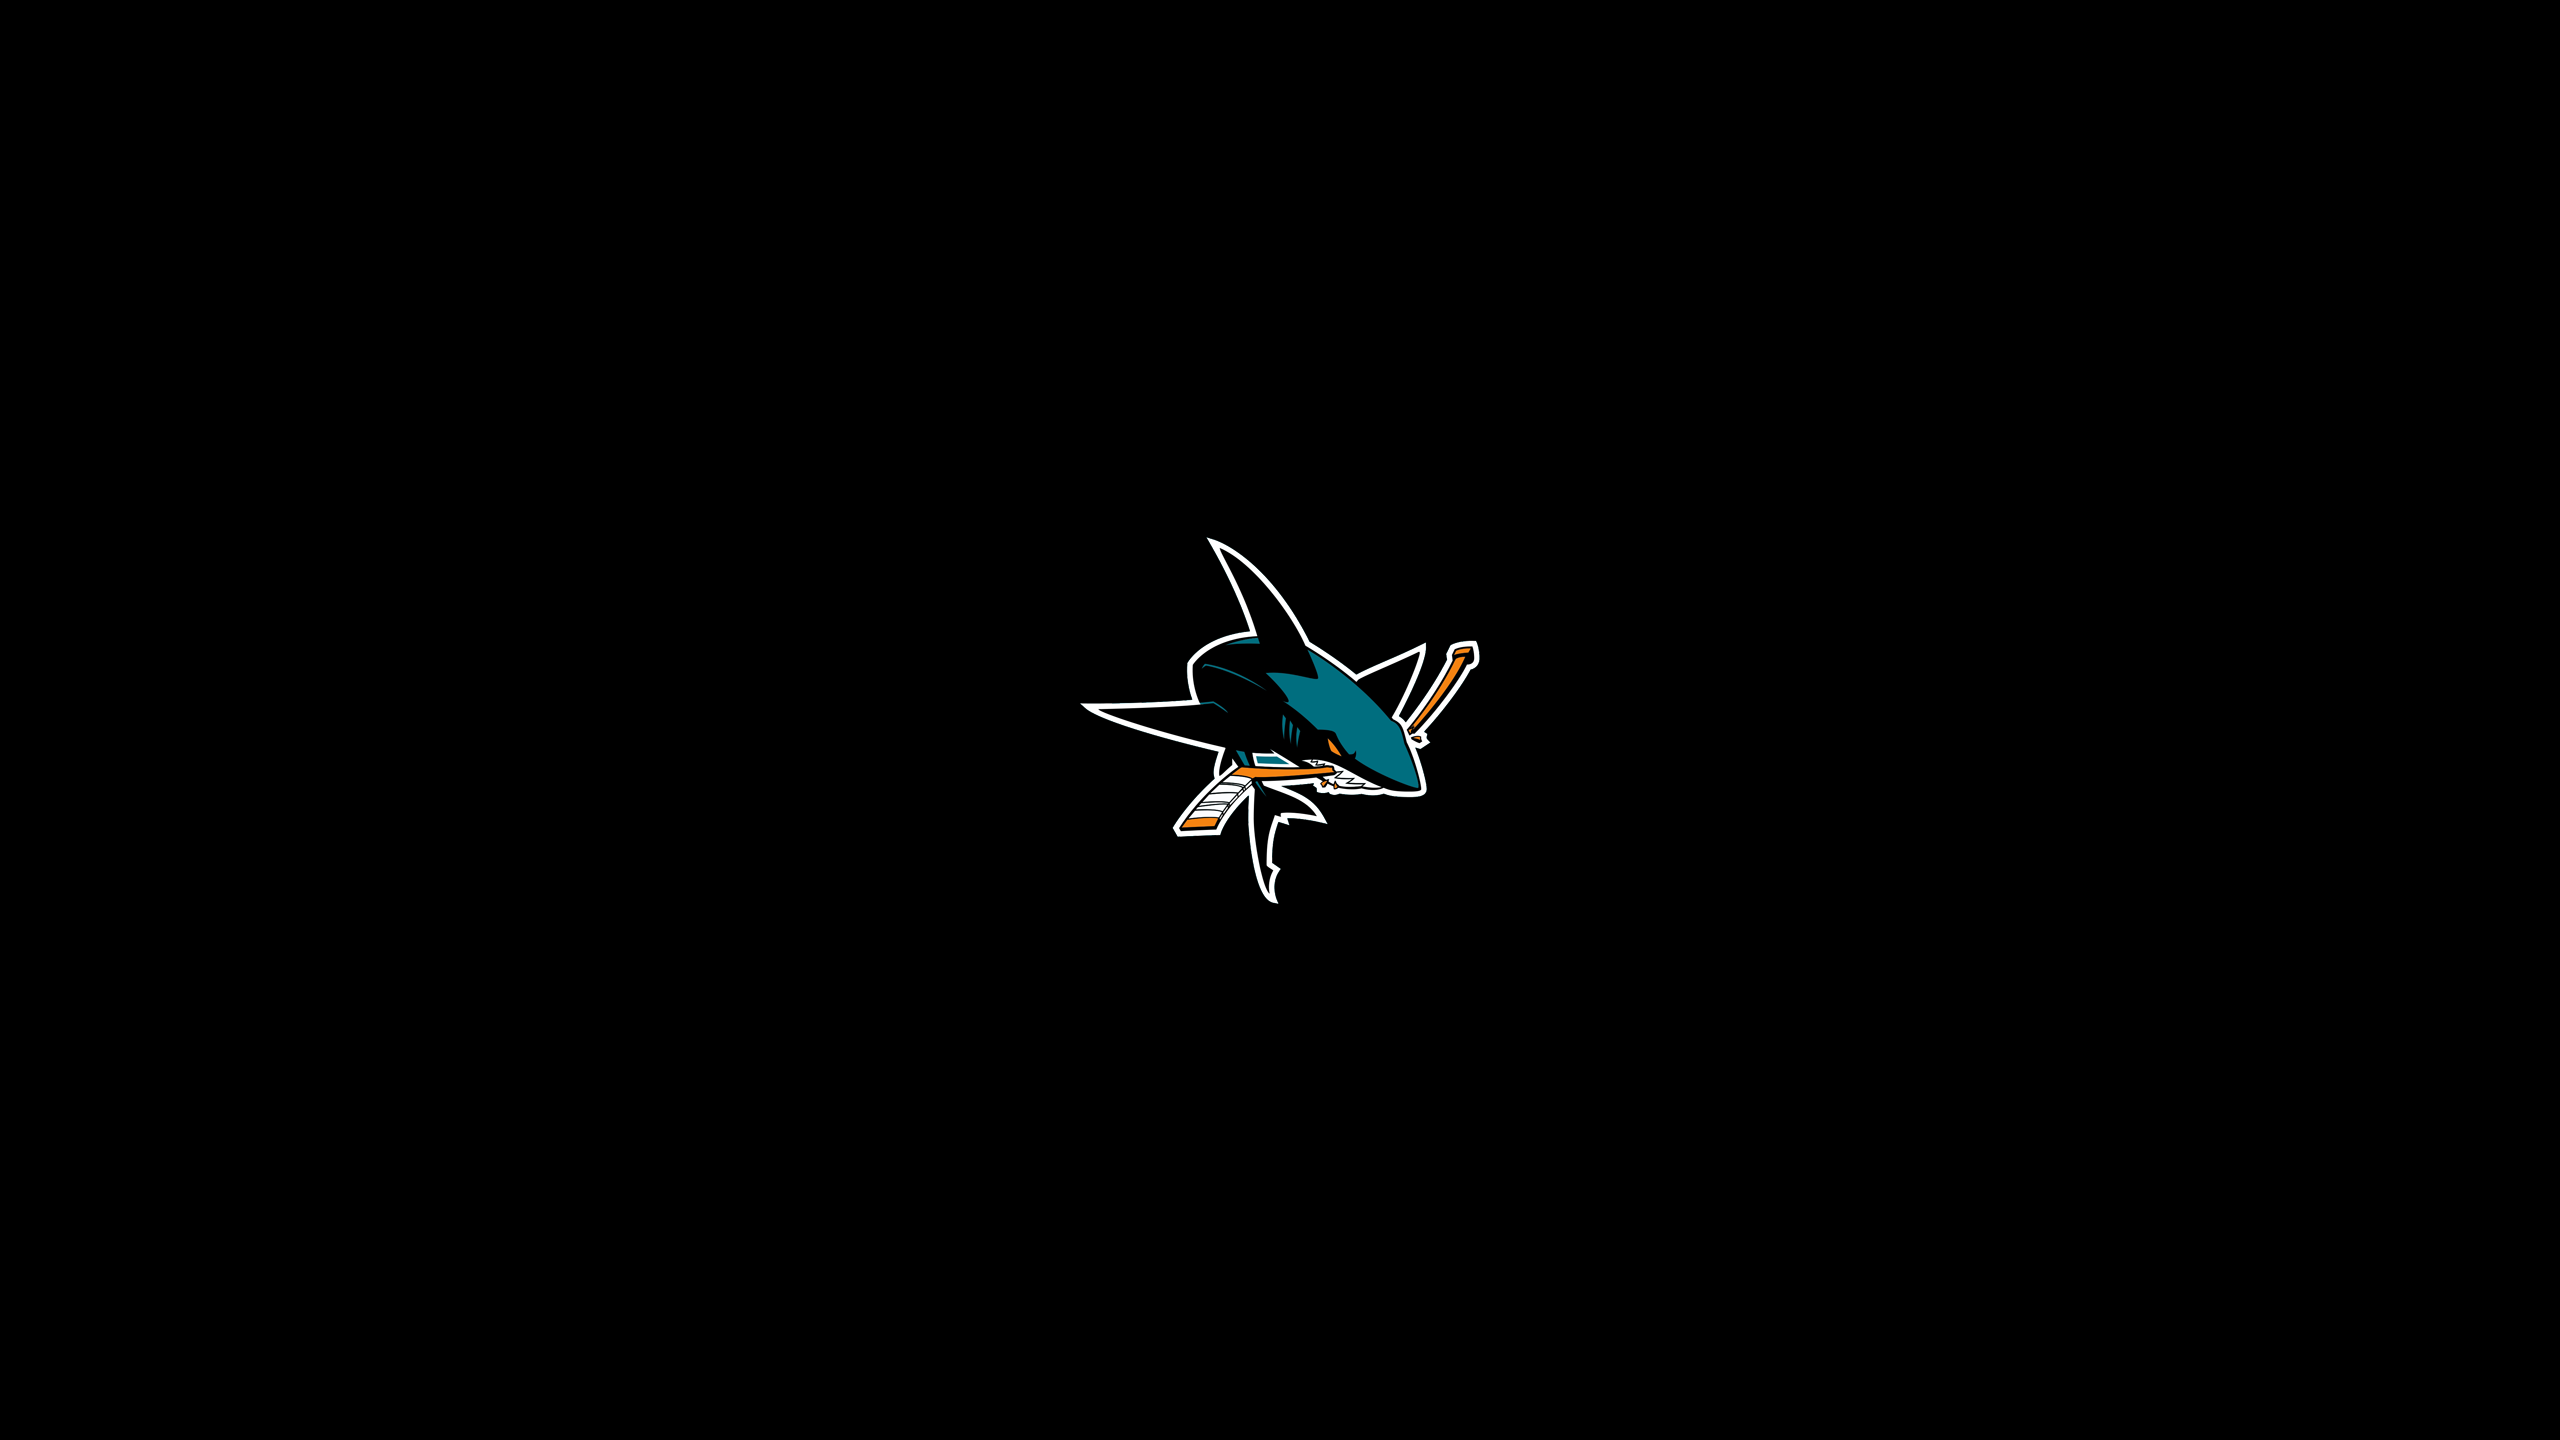 San Jose Sharks (Dorsal Fin)